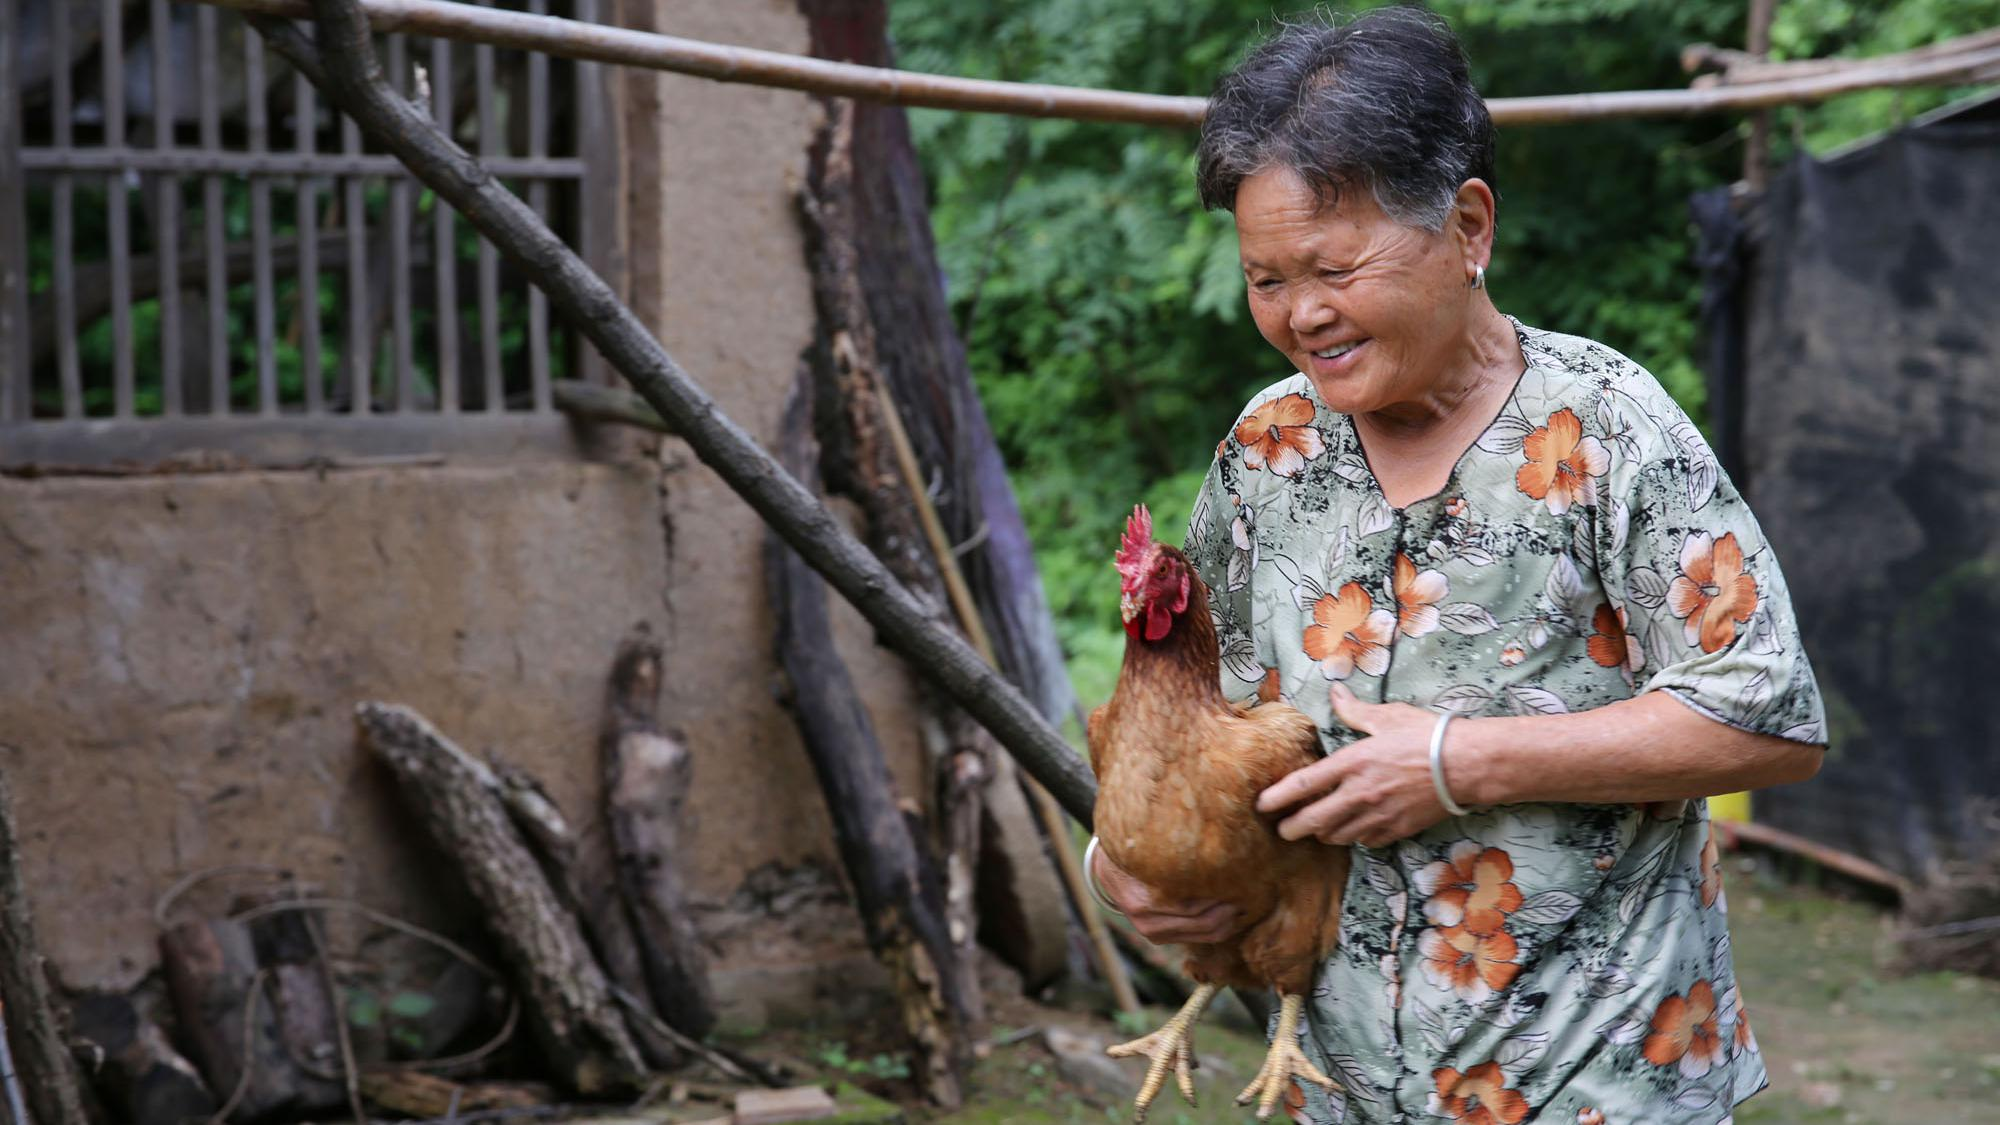 秦岭大山里的生活:76岁留守奶奶卖掉4只老母鸡,想买几只小鸡